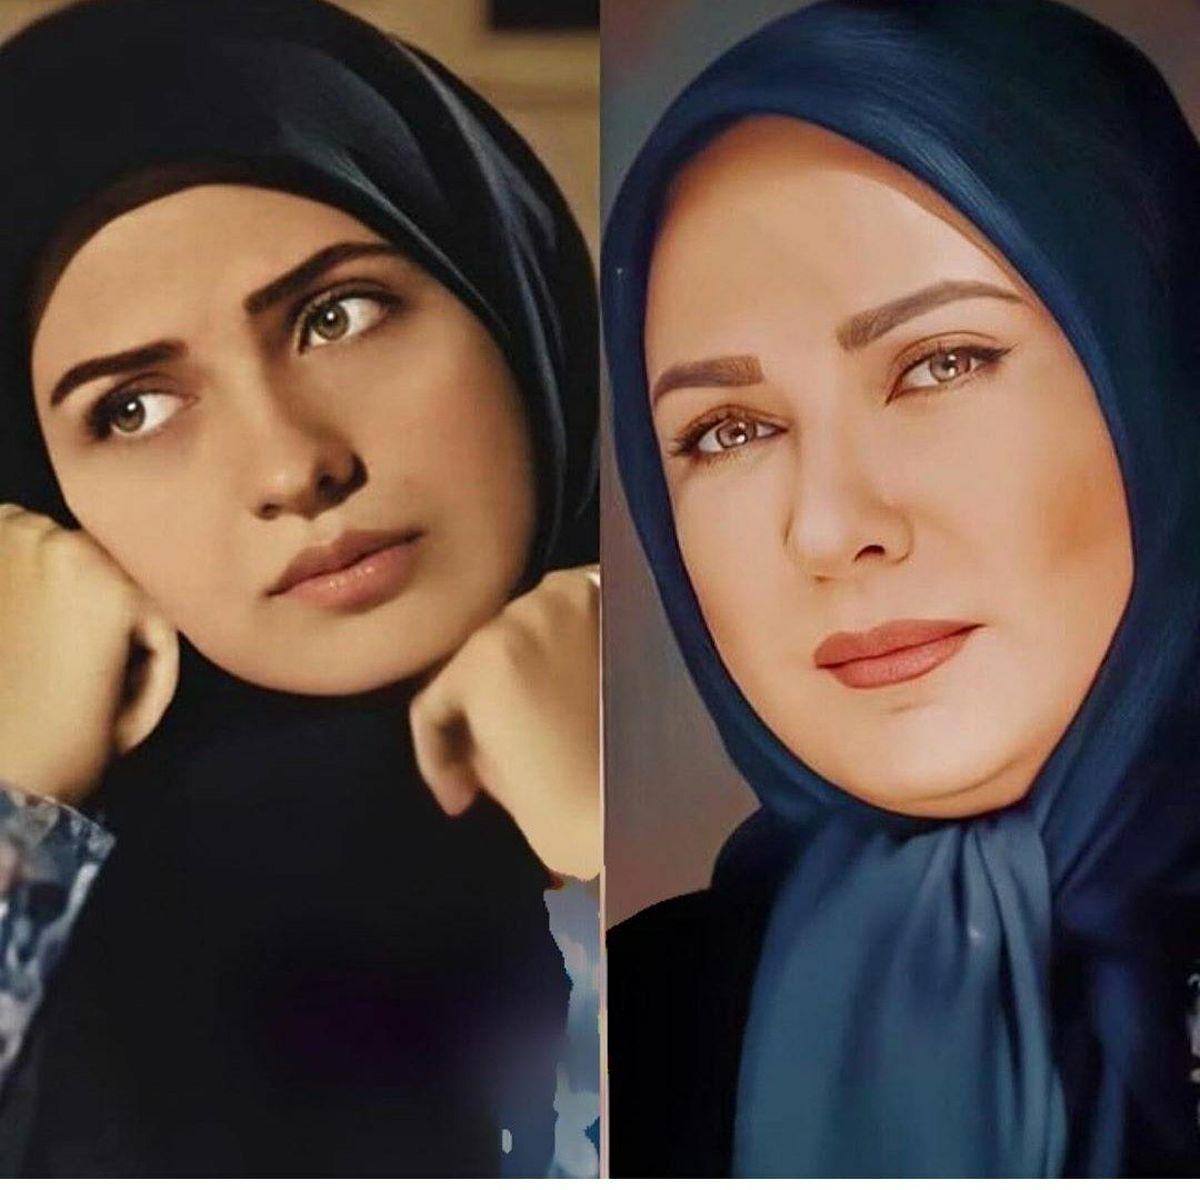 عکس دیده نشده لعیا زنگنه بازیگر معروف زن در گذر زمان